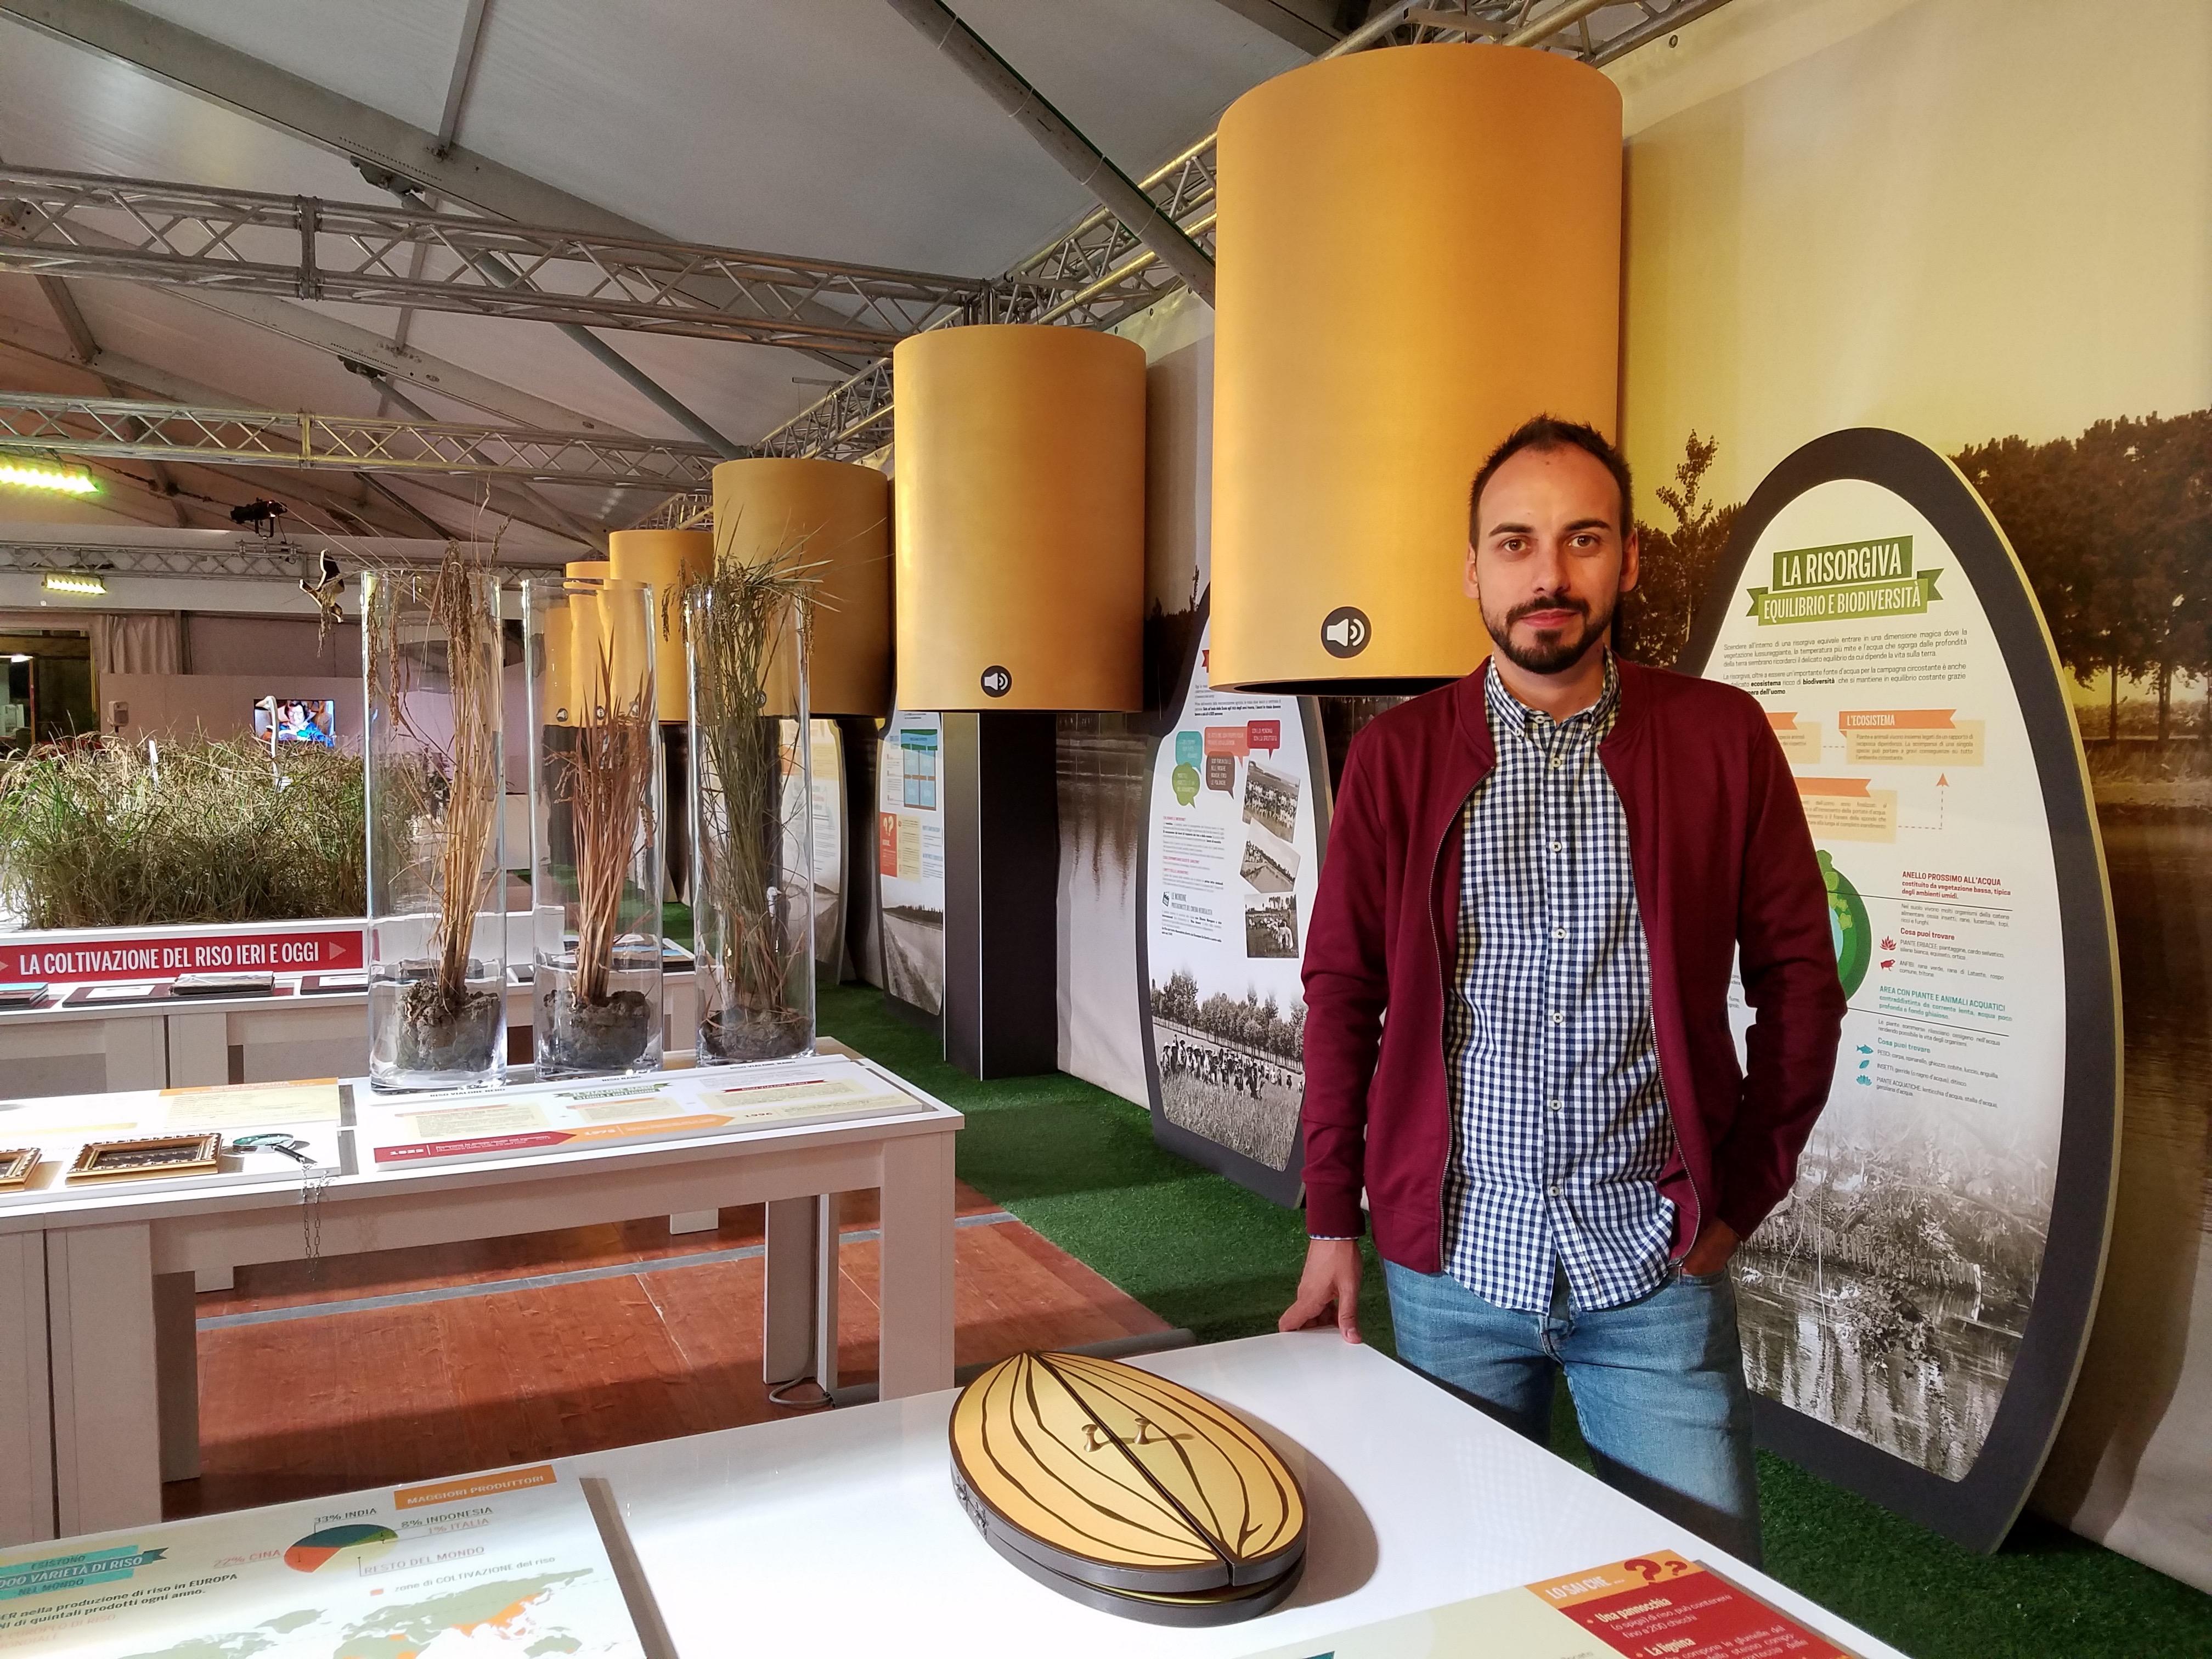 Curator Davide Mantovani